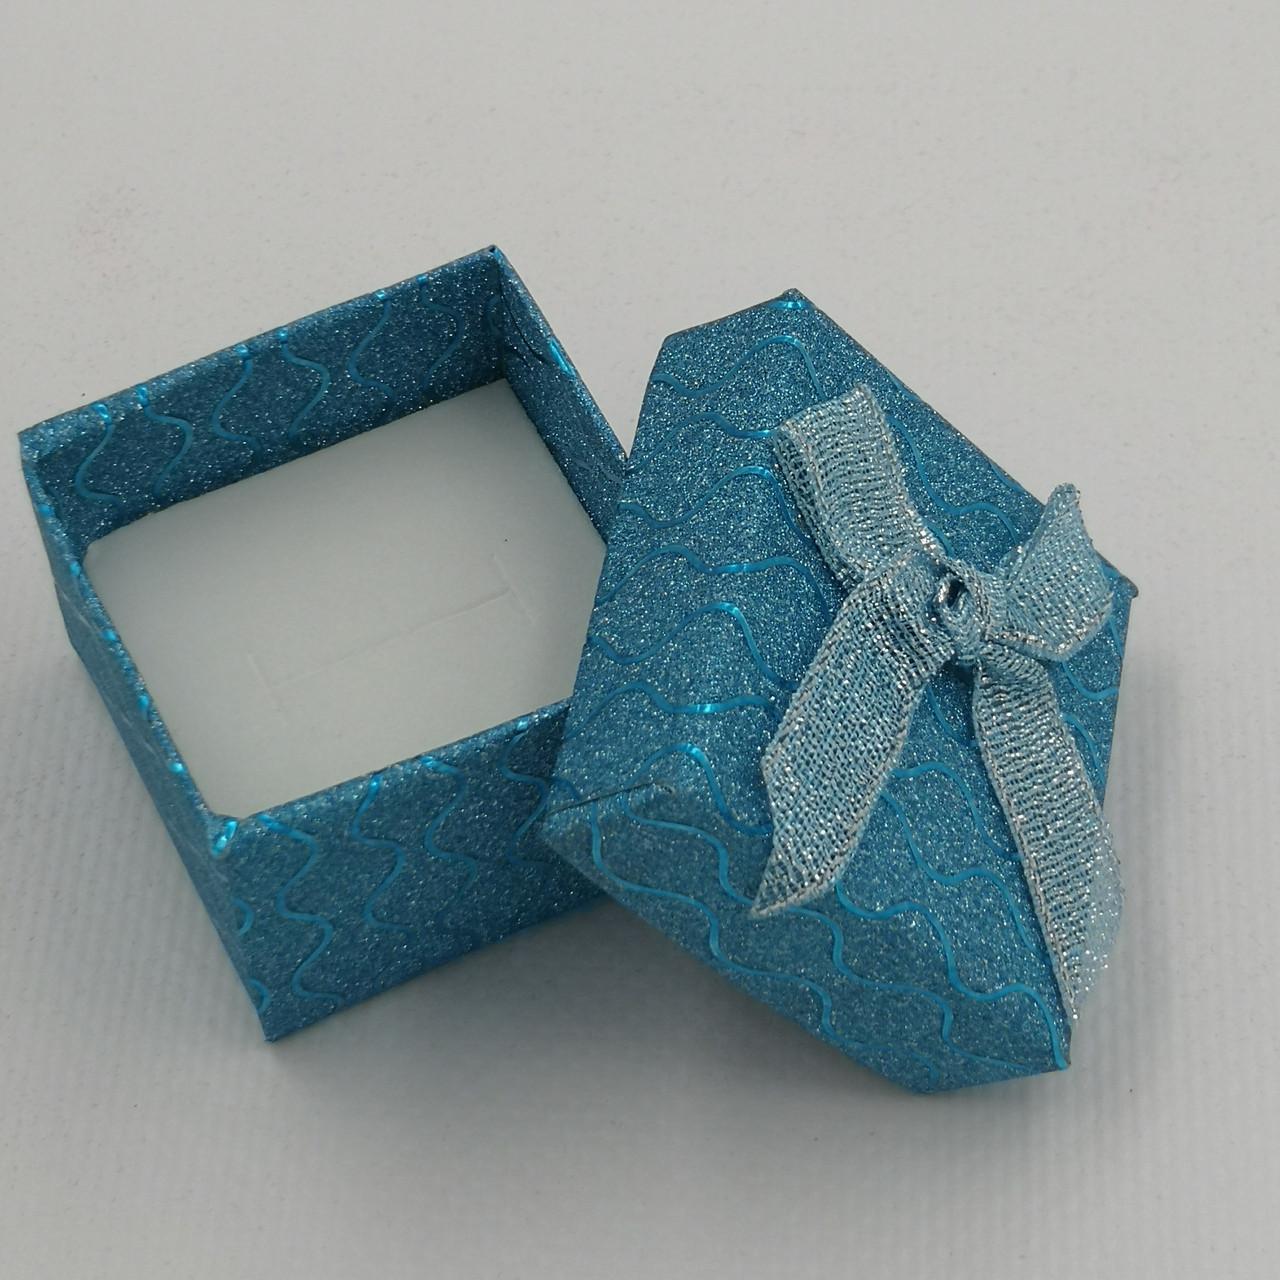 Коробочка для кольца-серег 741208 бирюза, размер 4*5 см